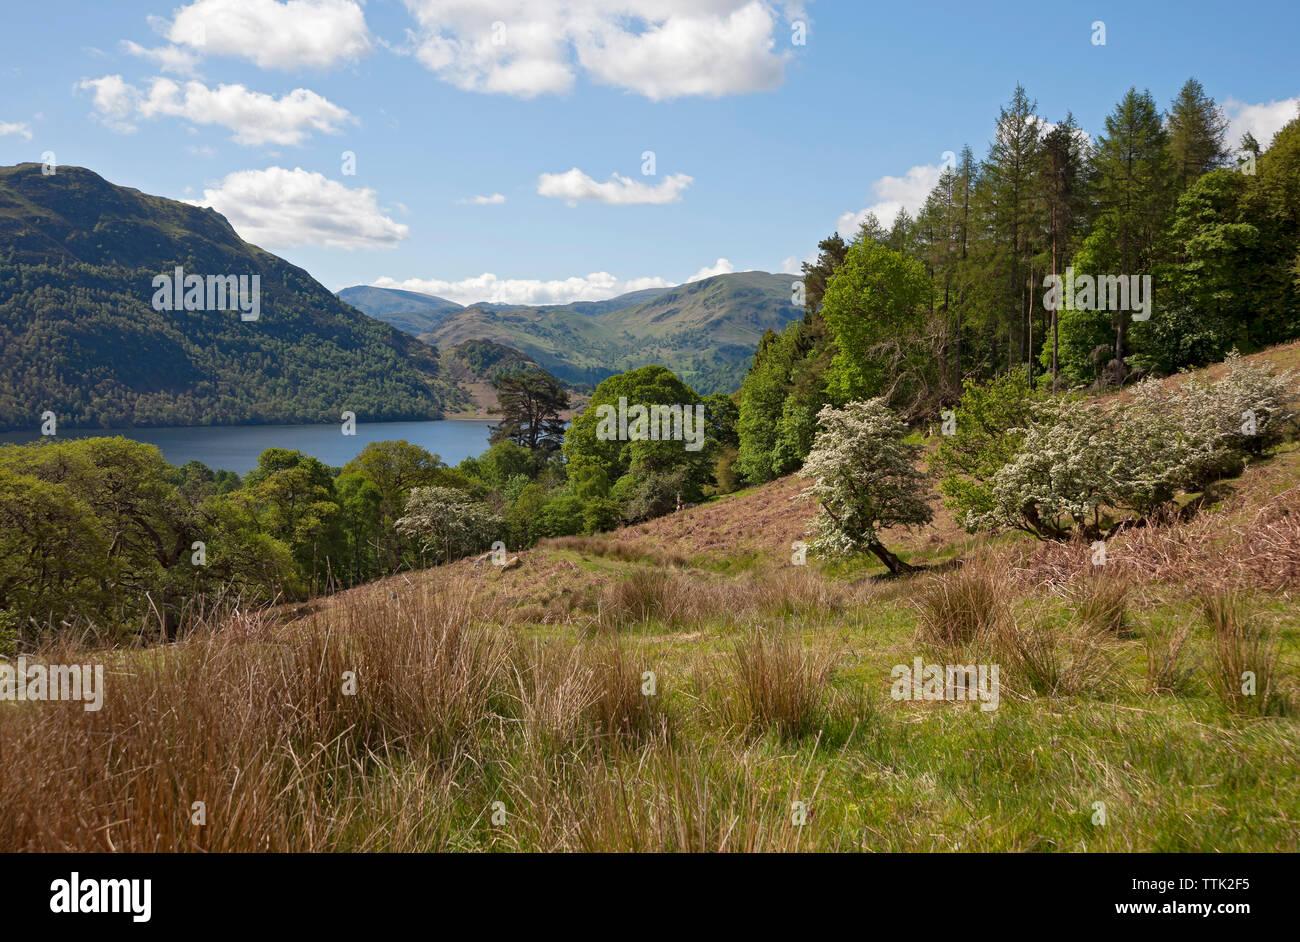 In Ullswater Richtung Place fiel Lake District National Park Cumbria England UK Vereinigtes Königreich GB Grossbritannien Stockfoto